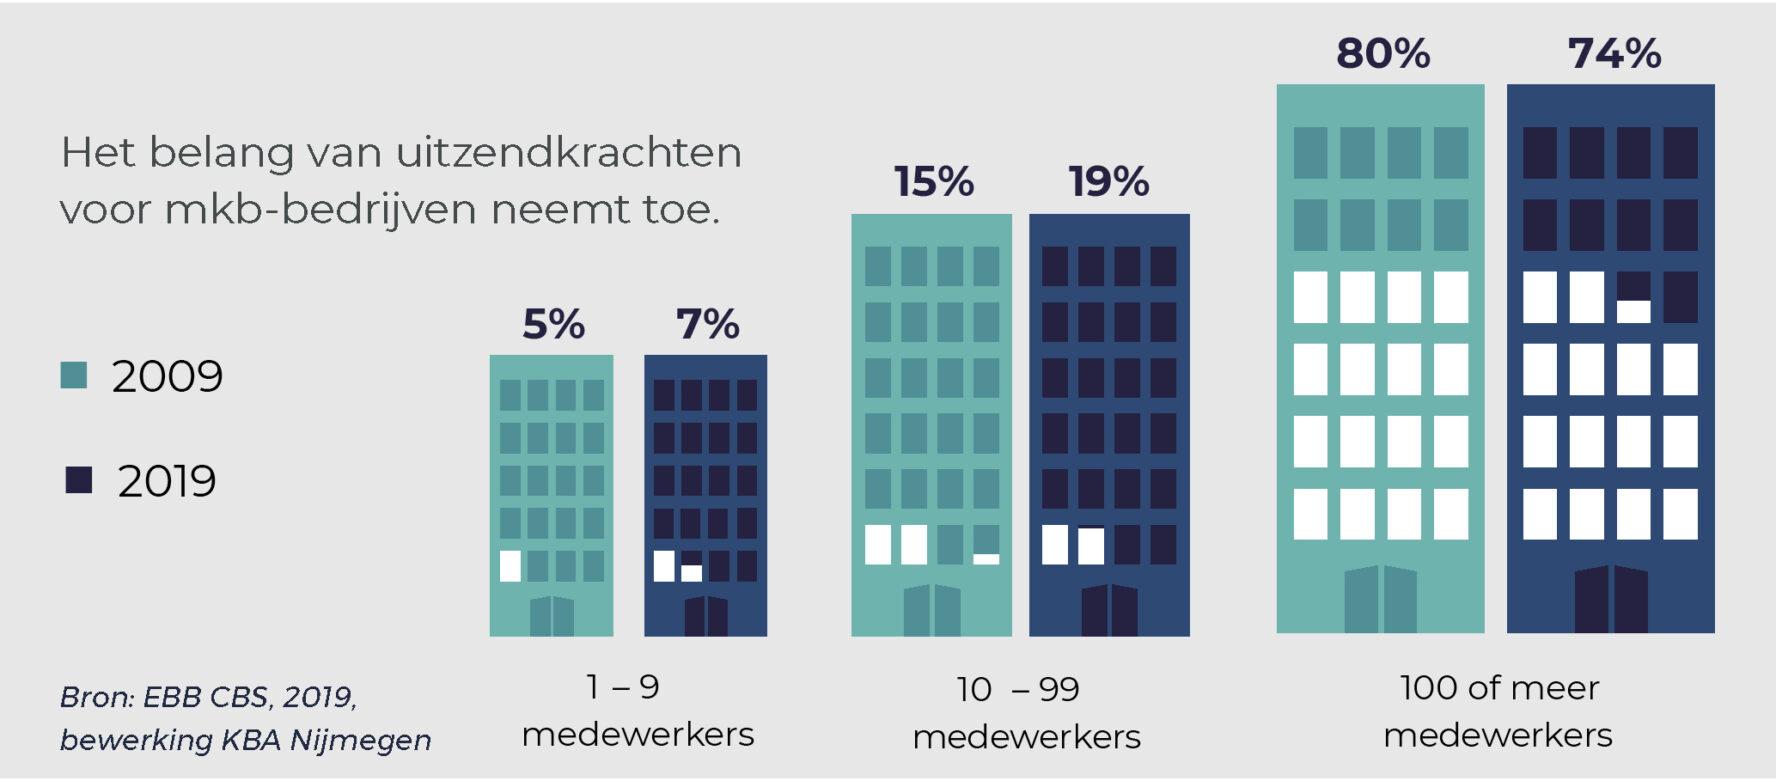 Het belang van uitzendkrachten voor MKB bedrijven neemt toe.